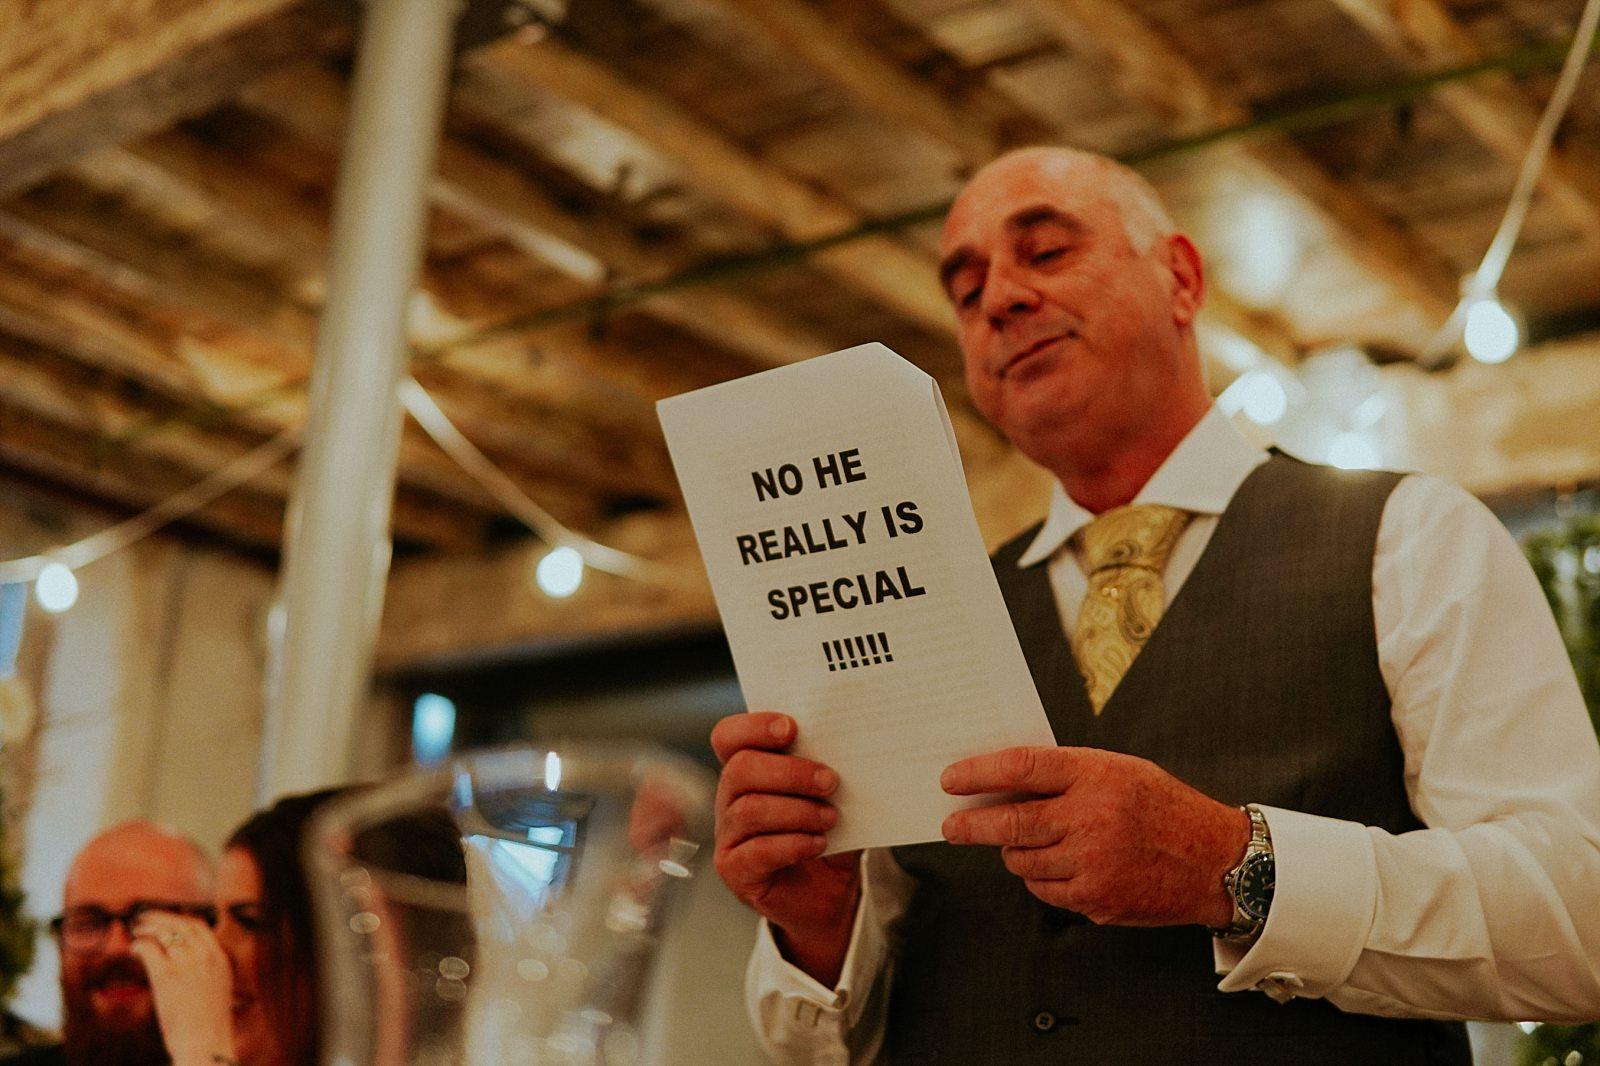 funny dad speech at holmes mill